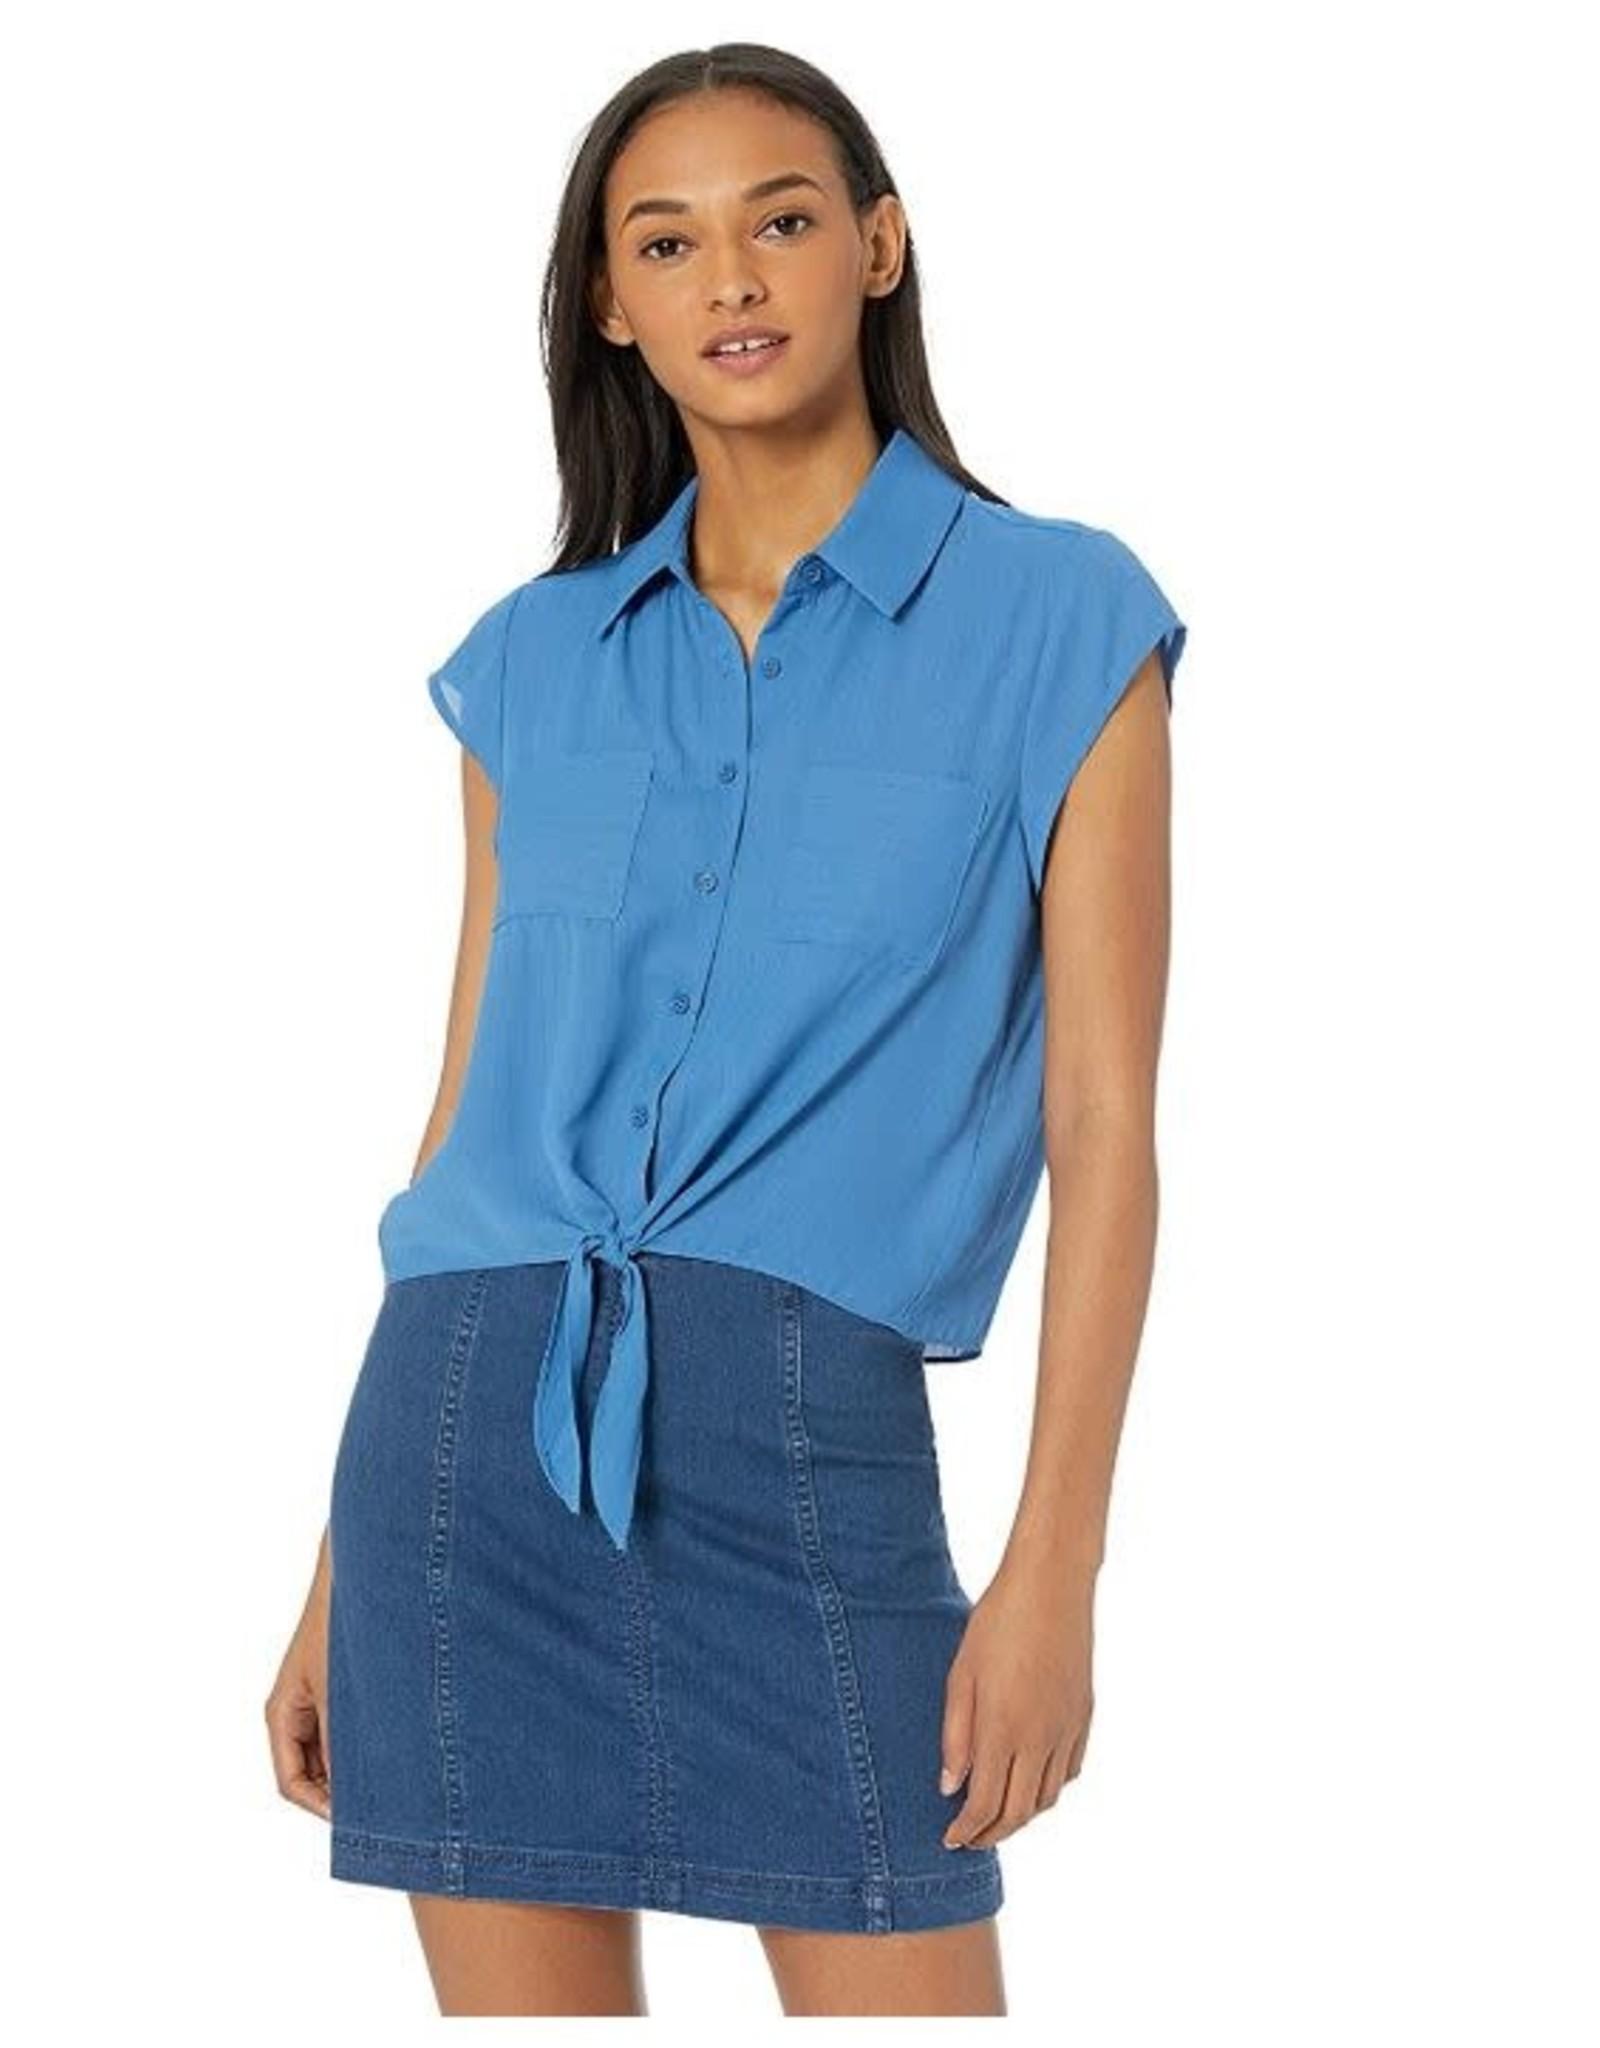 Jack Sea Blue Tie Front Top